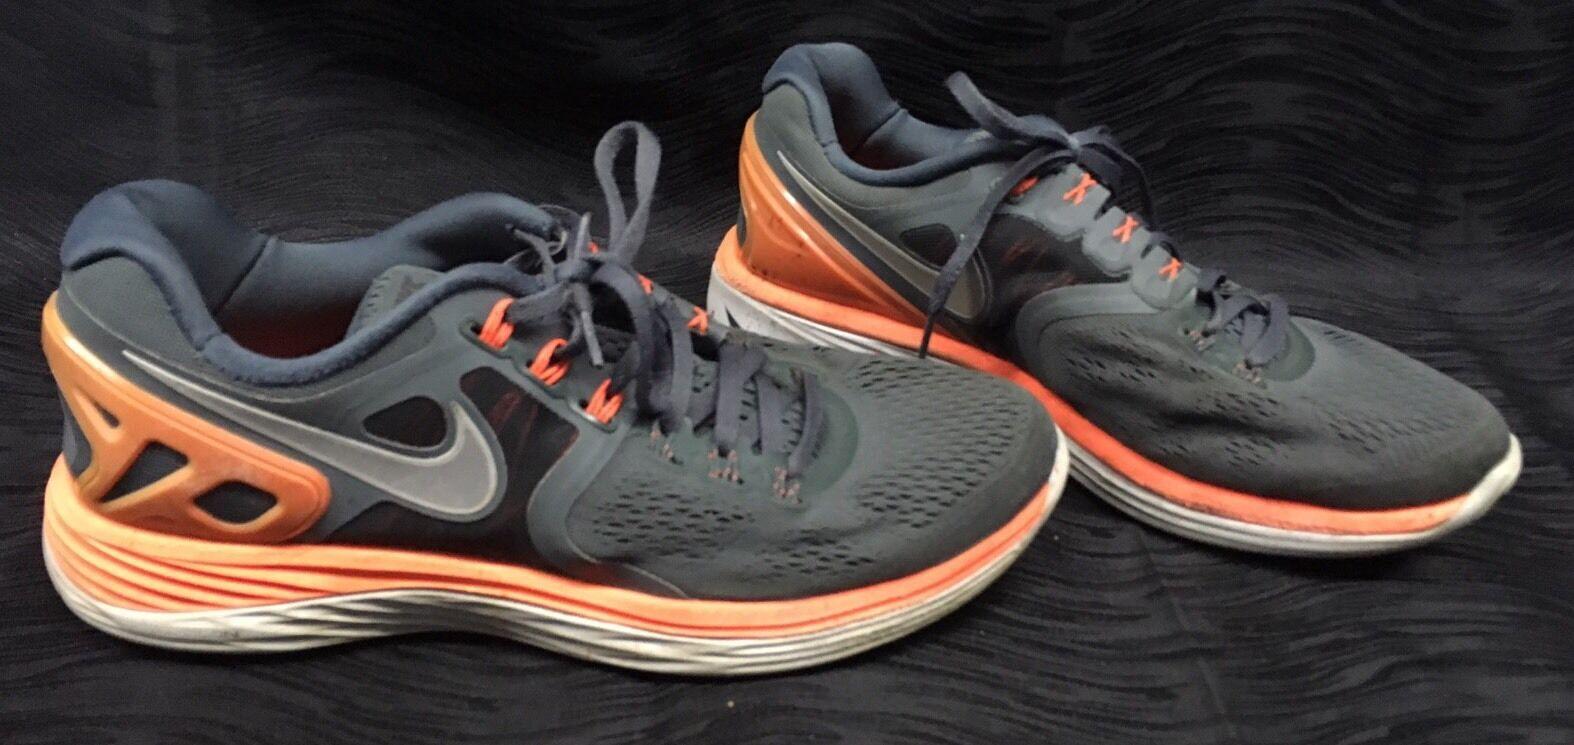 Nike lunareclipse 4 in scarpe da uomo taglia grigio arancio 629682-011